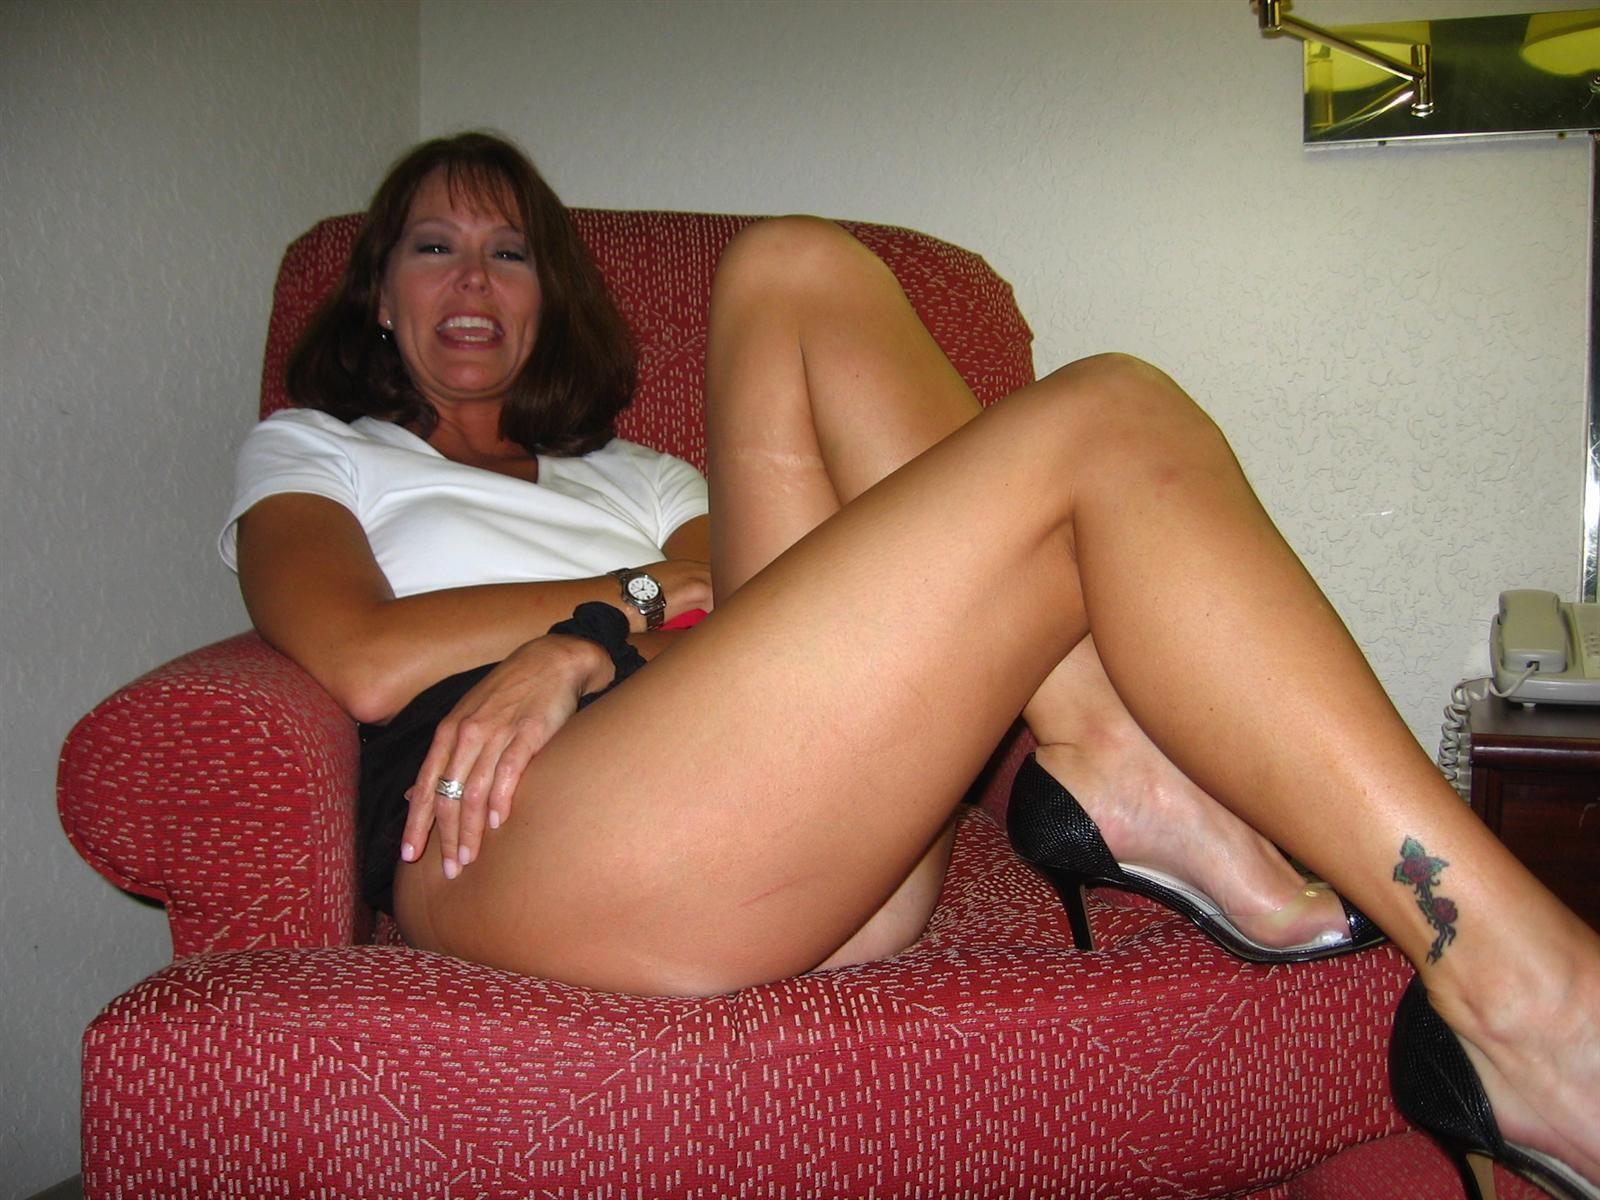 Секс с сочной дамой фото 15 фотография